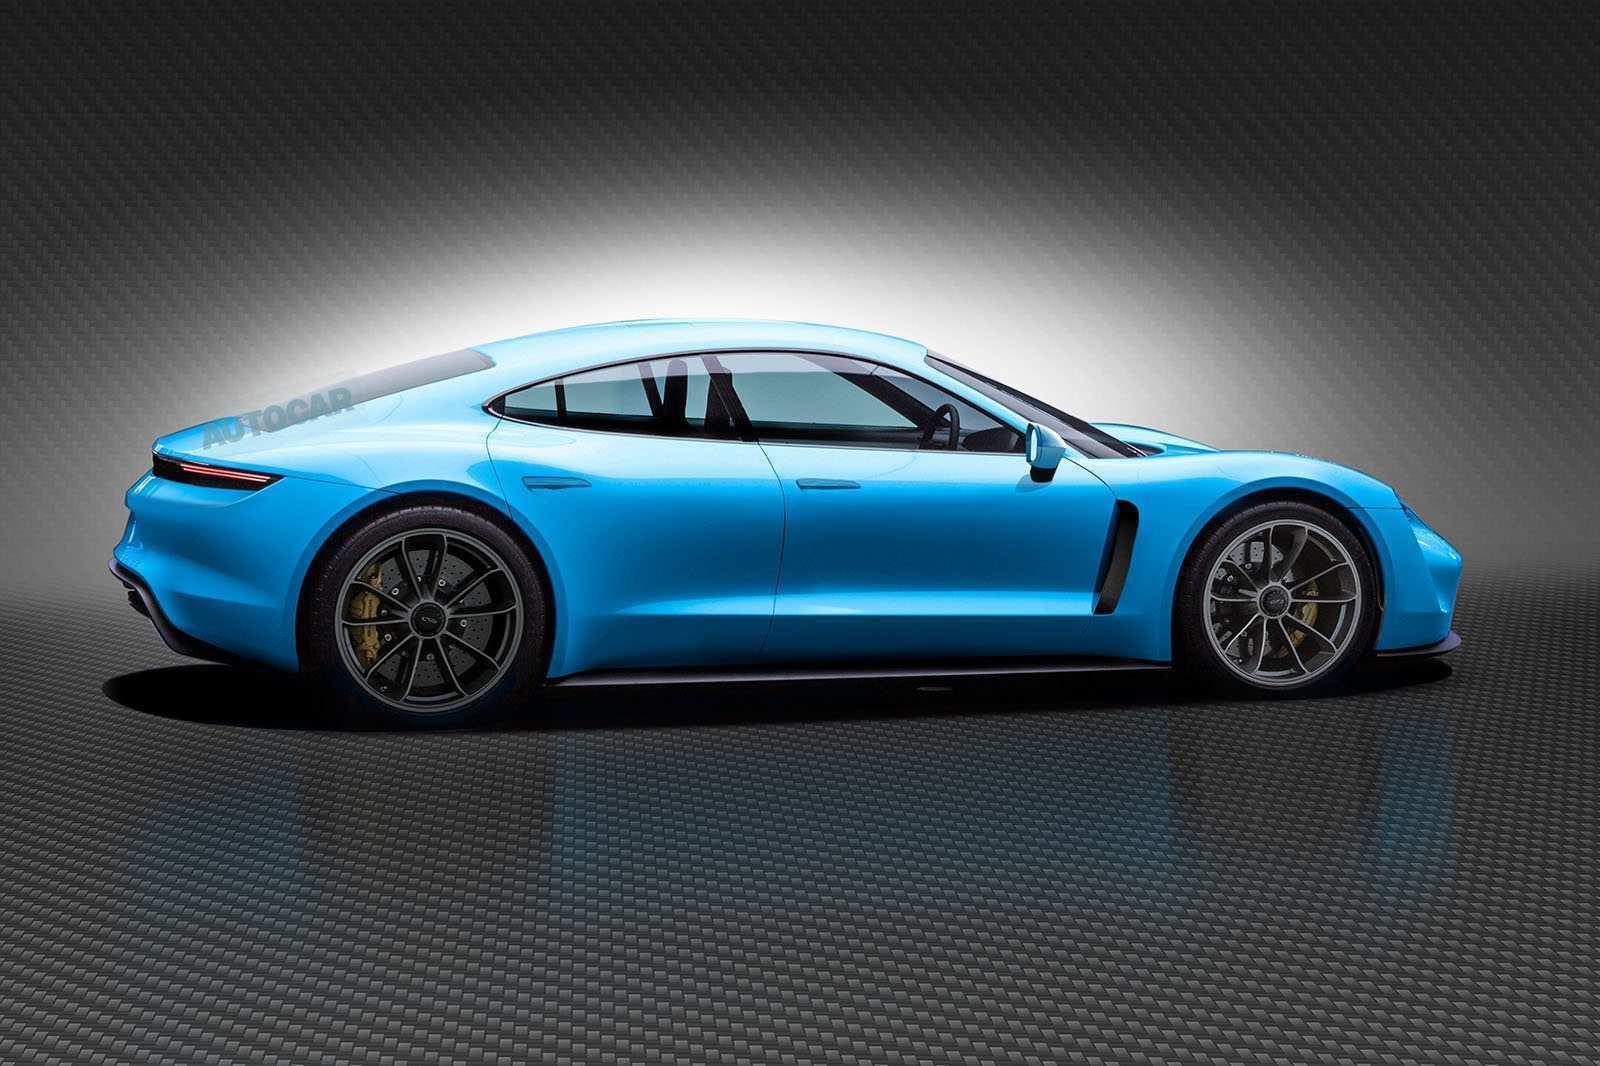 12 All New Porsche Concept 2020 Rumors with Porsche Concept 2020